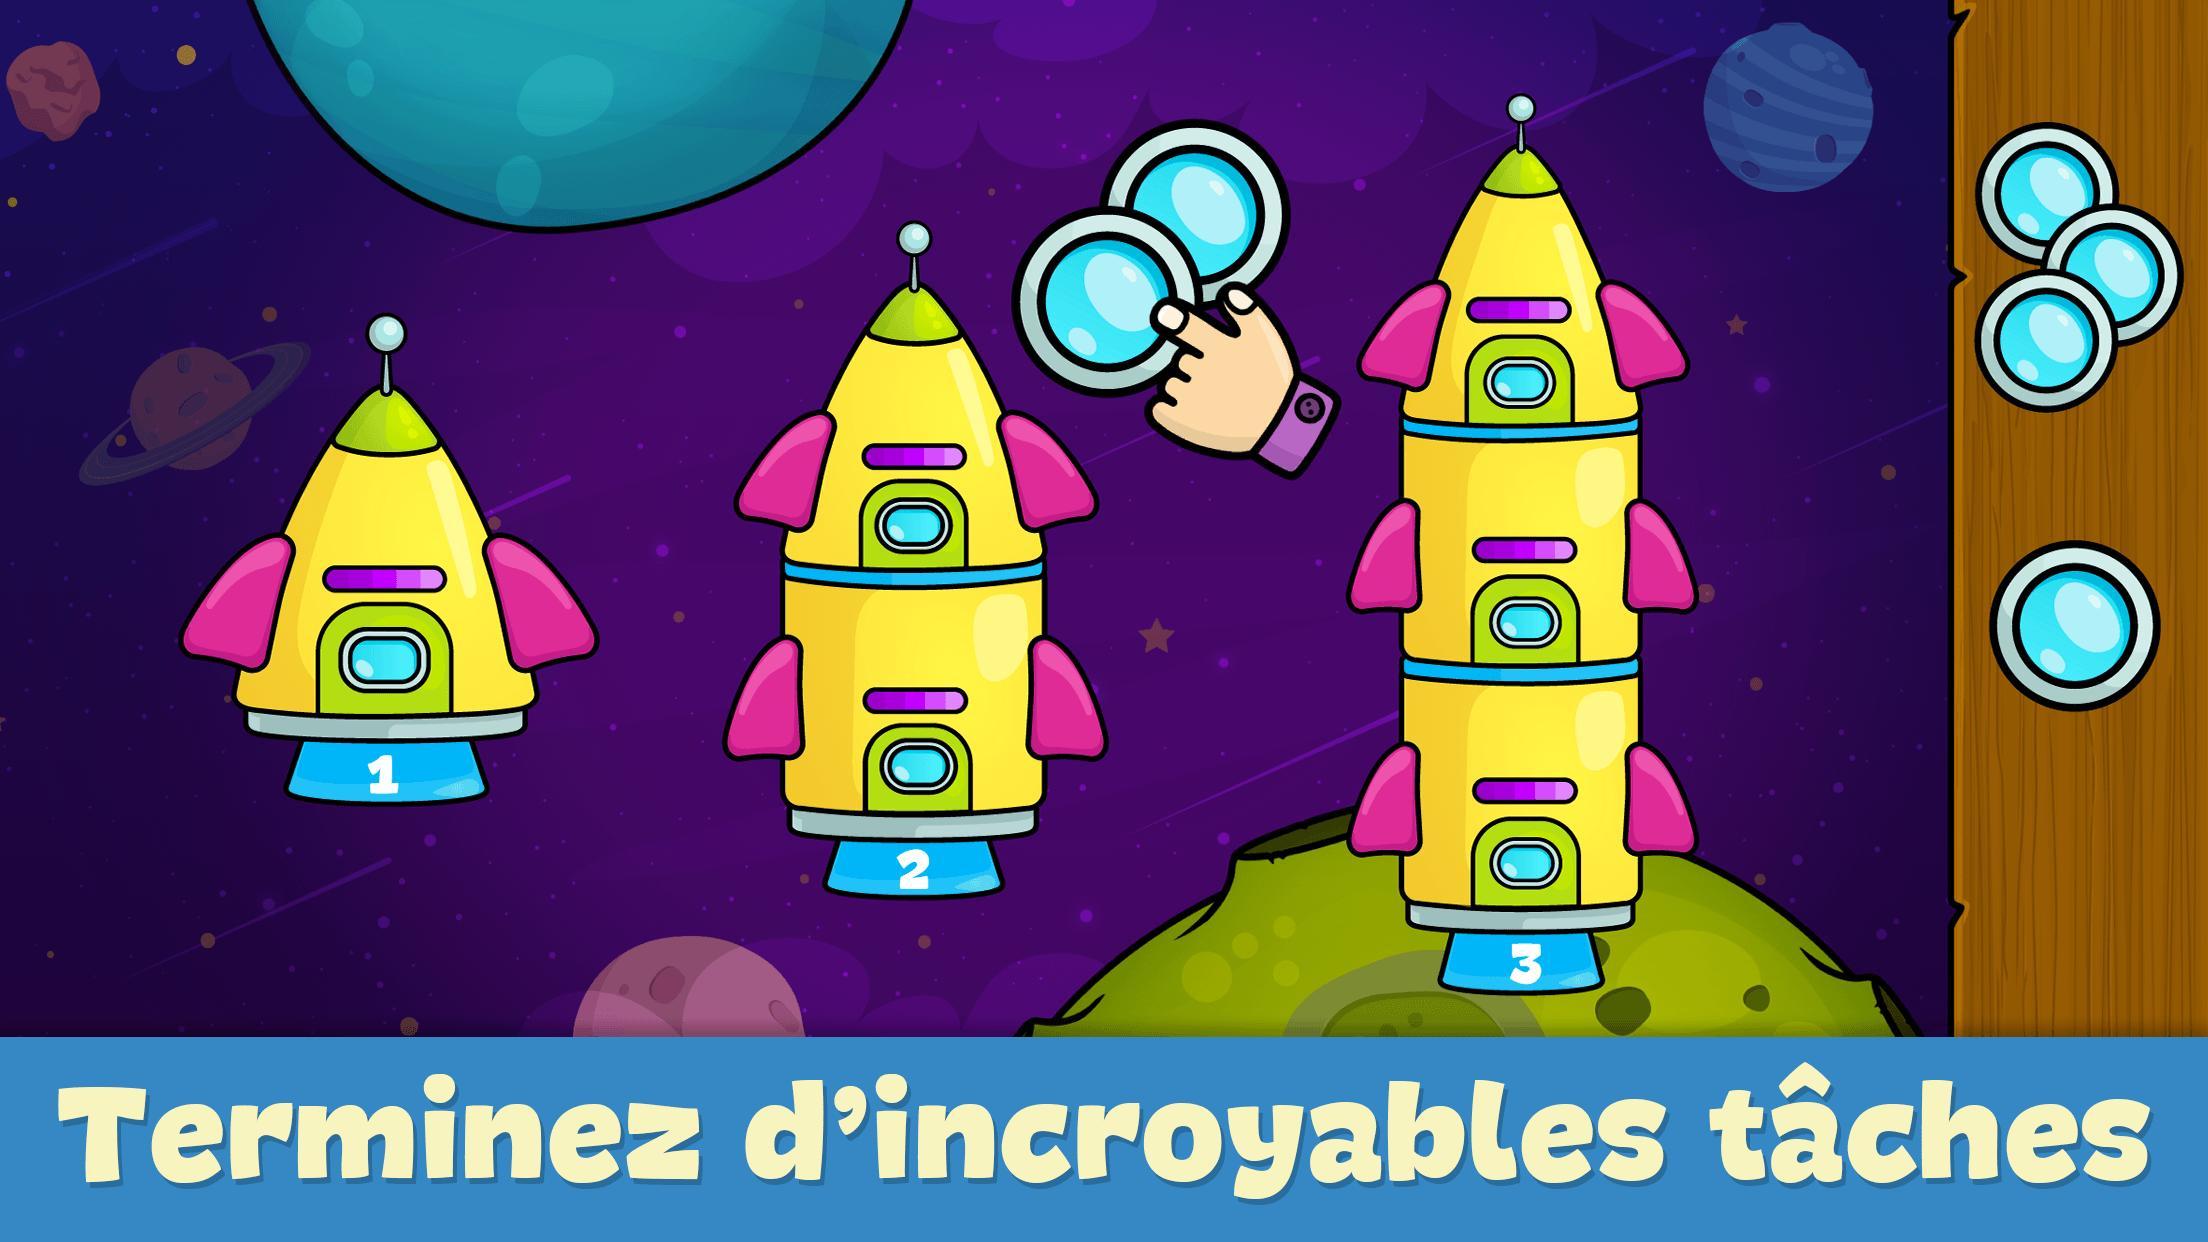 Jeux Pour Enfants 2 - 5 Ans Pour Android - Téléchargez L'apk intérieur Petit Jeux 3 5 Ans